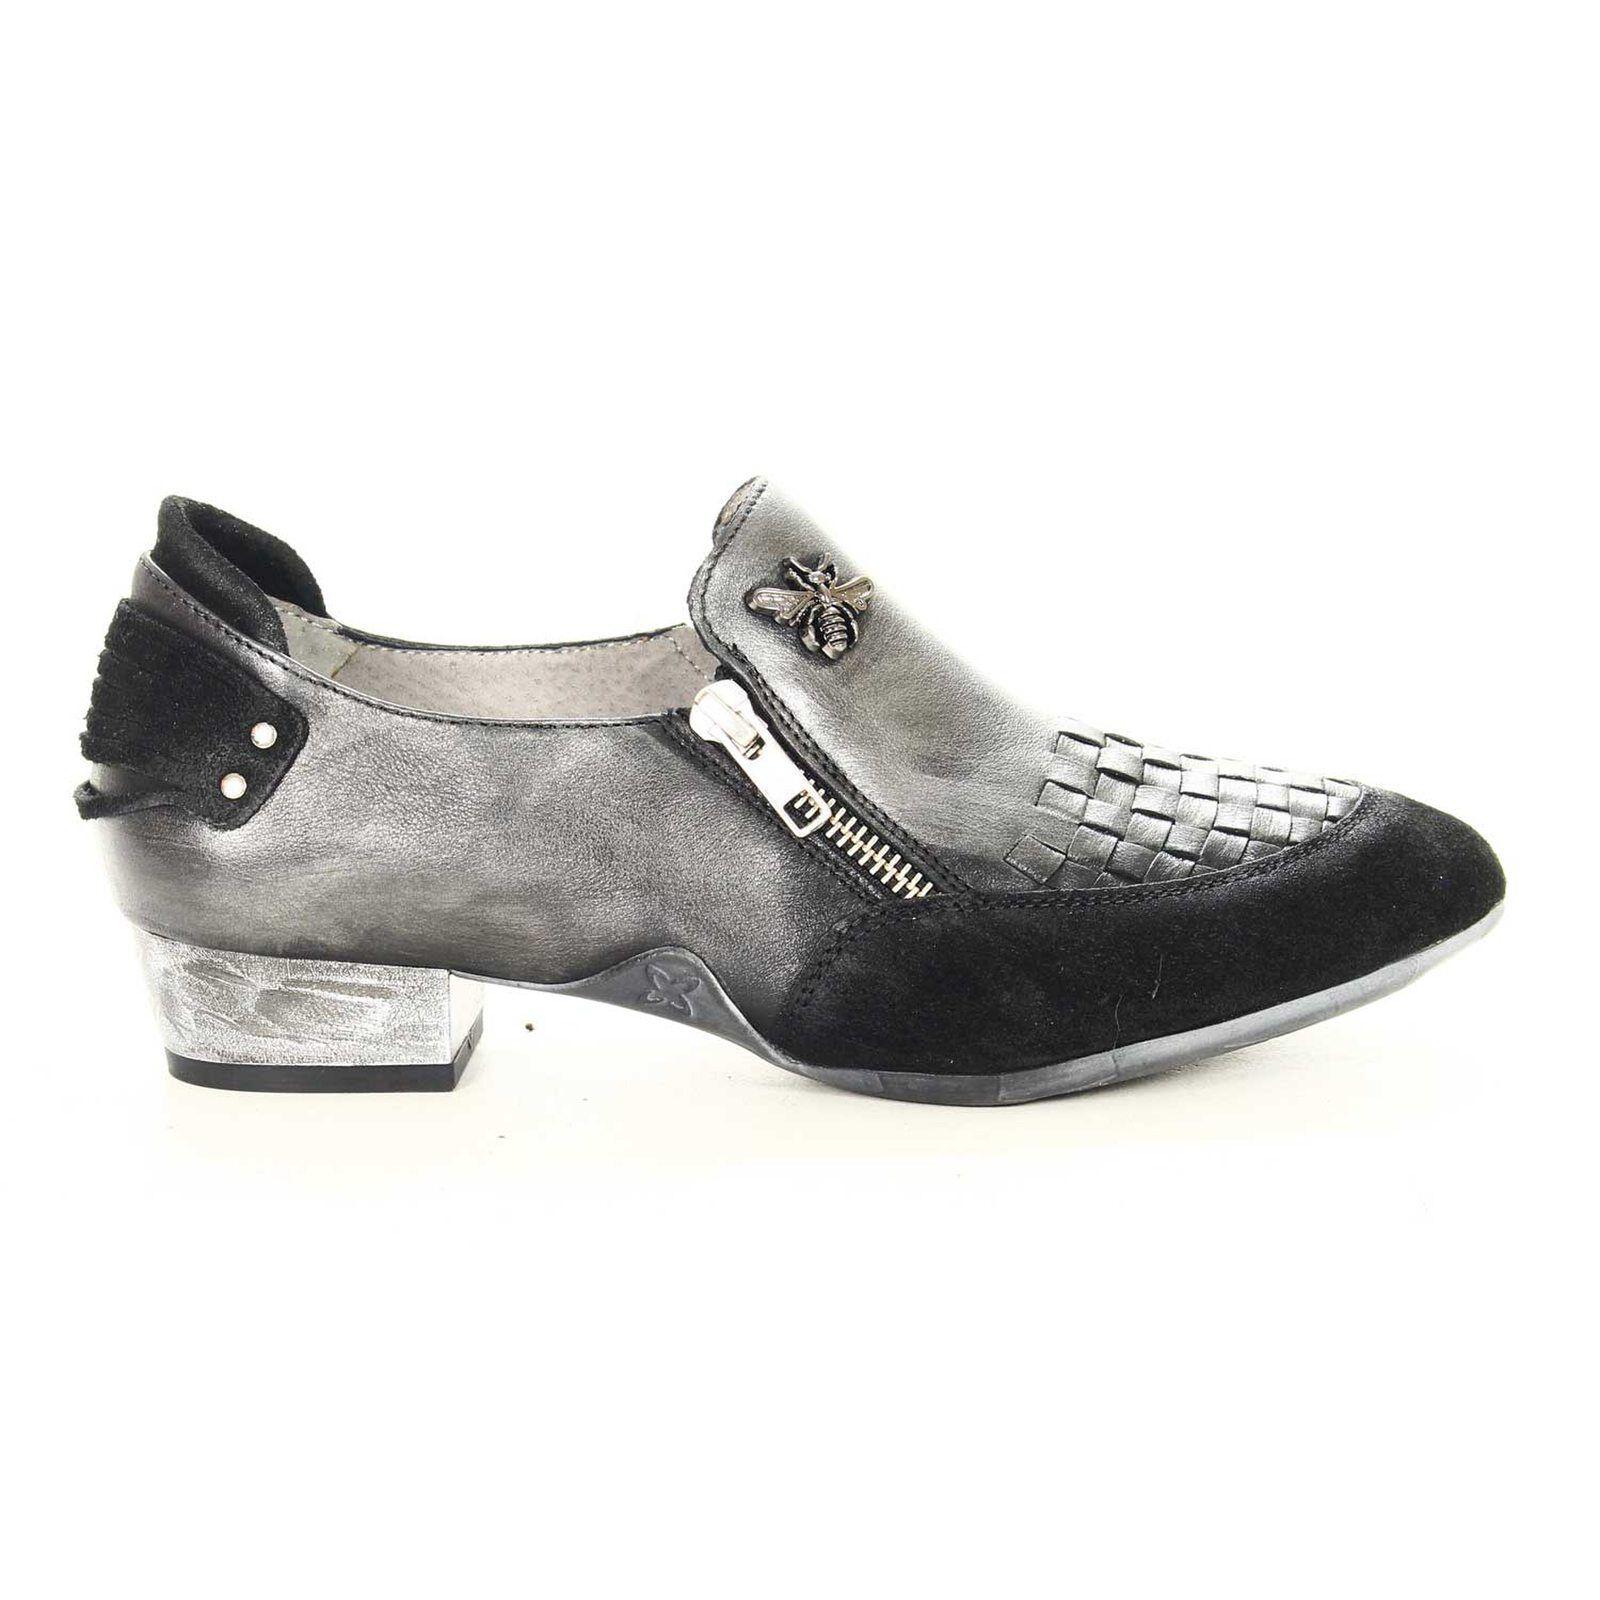 Chaussure pour femme lisse   daim black   anthracite avec fermeture à glissière